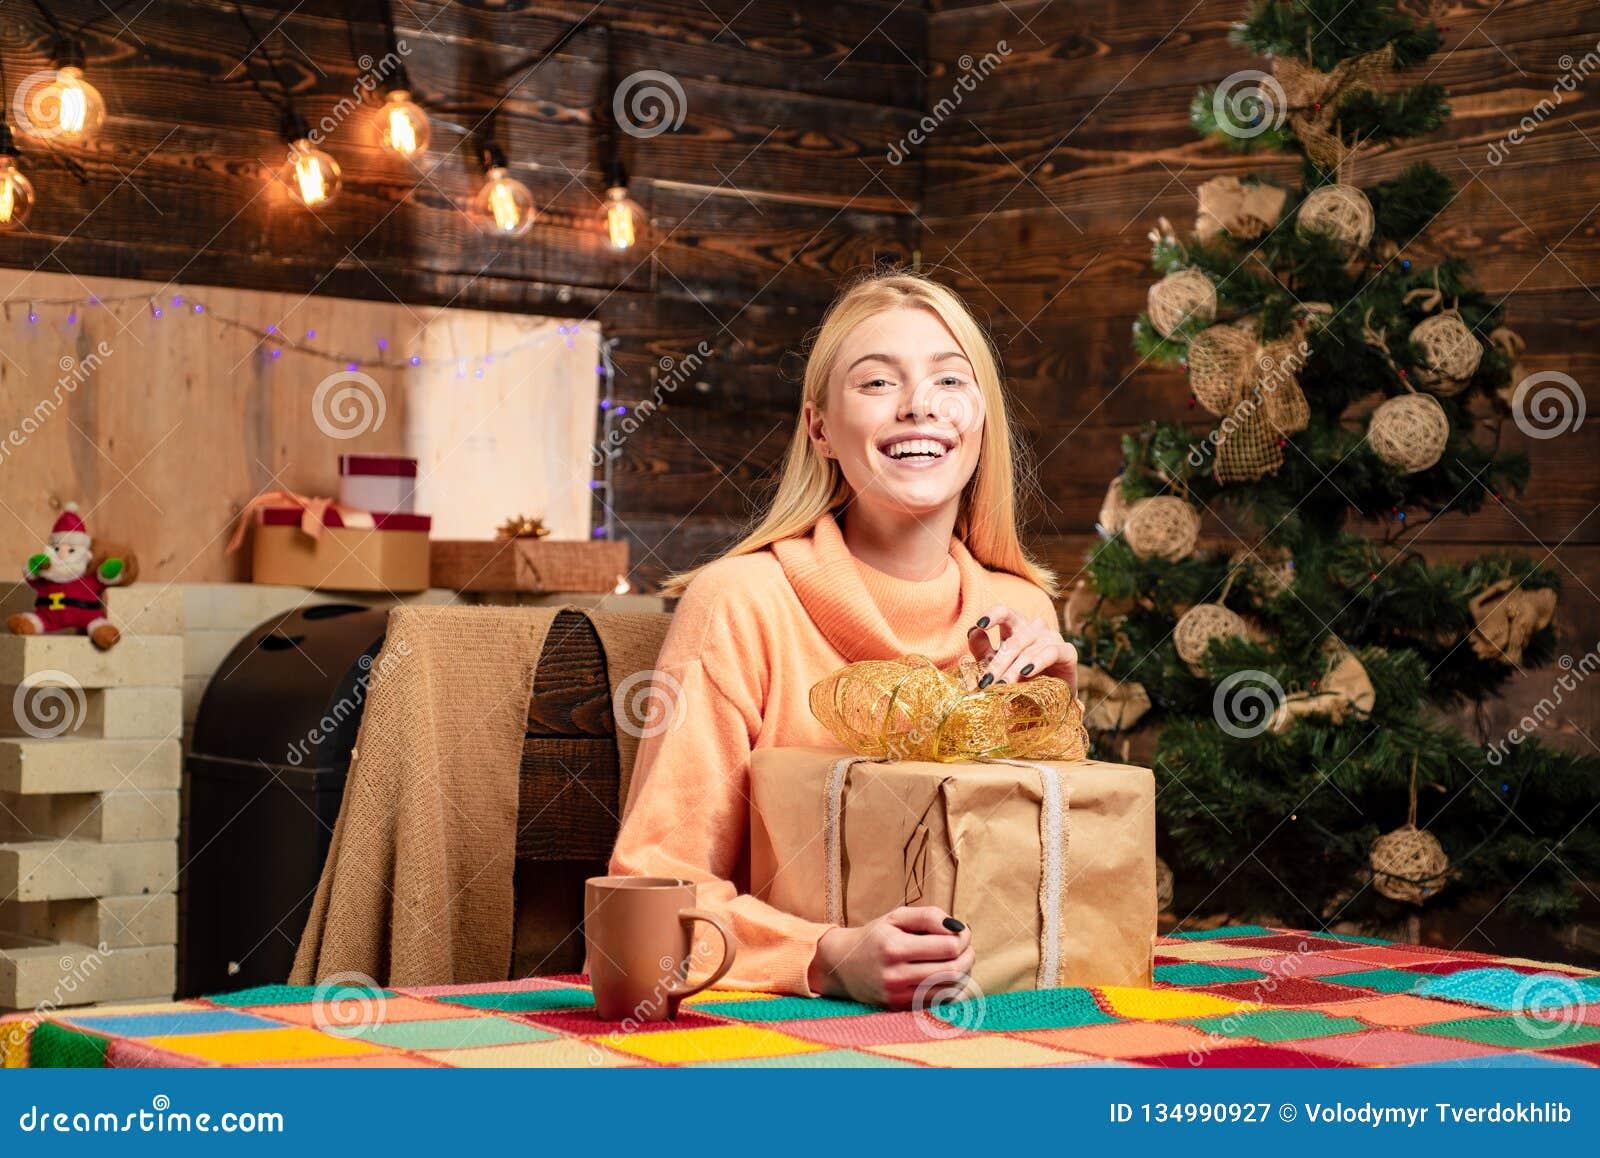 Regalo de la Navidad Feliz Navidad y Feliz Año Nuevo Regalo del Año Nuevo Muchacha sensual para la Navidad El árbol de navidad ad